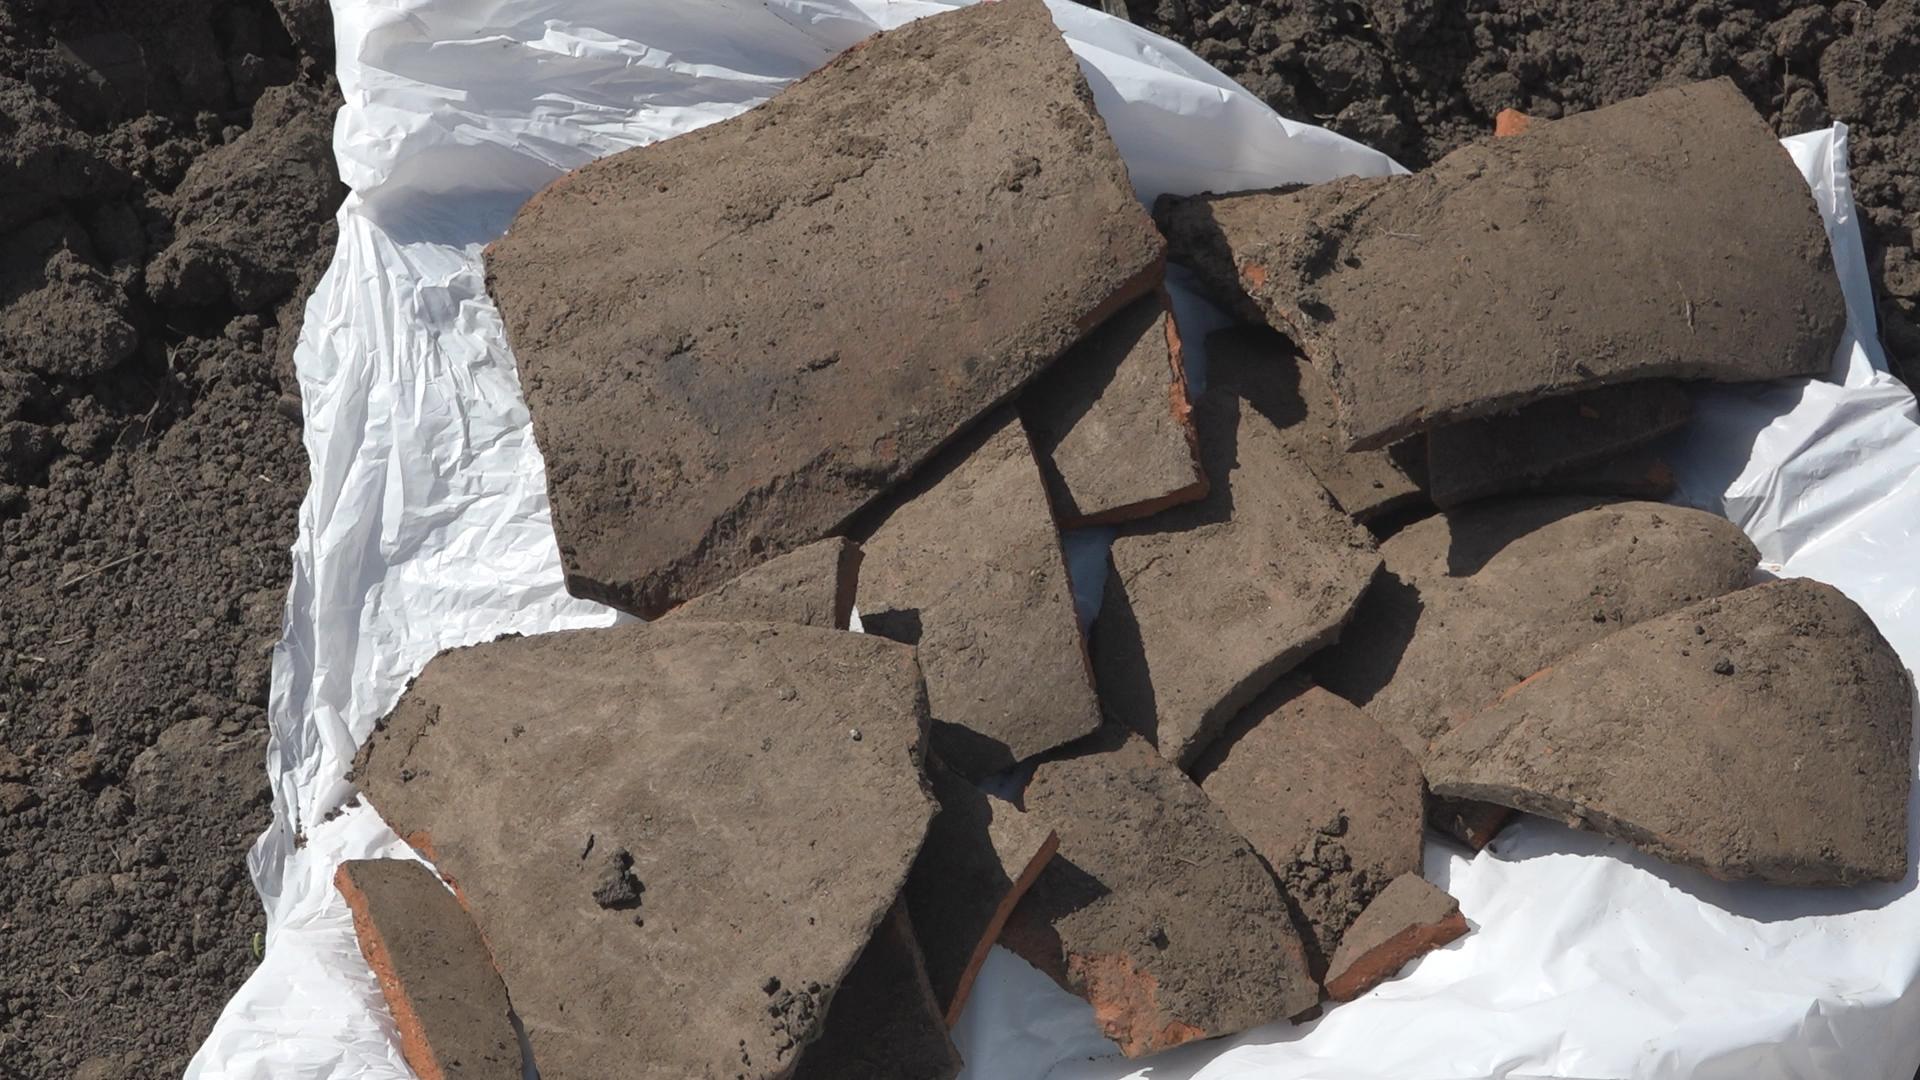 В ходе раскопок в Комрате обнаружены несколько амфор и другие археологические находки.